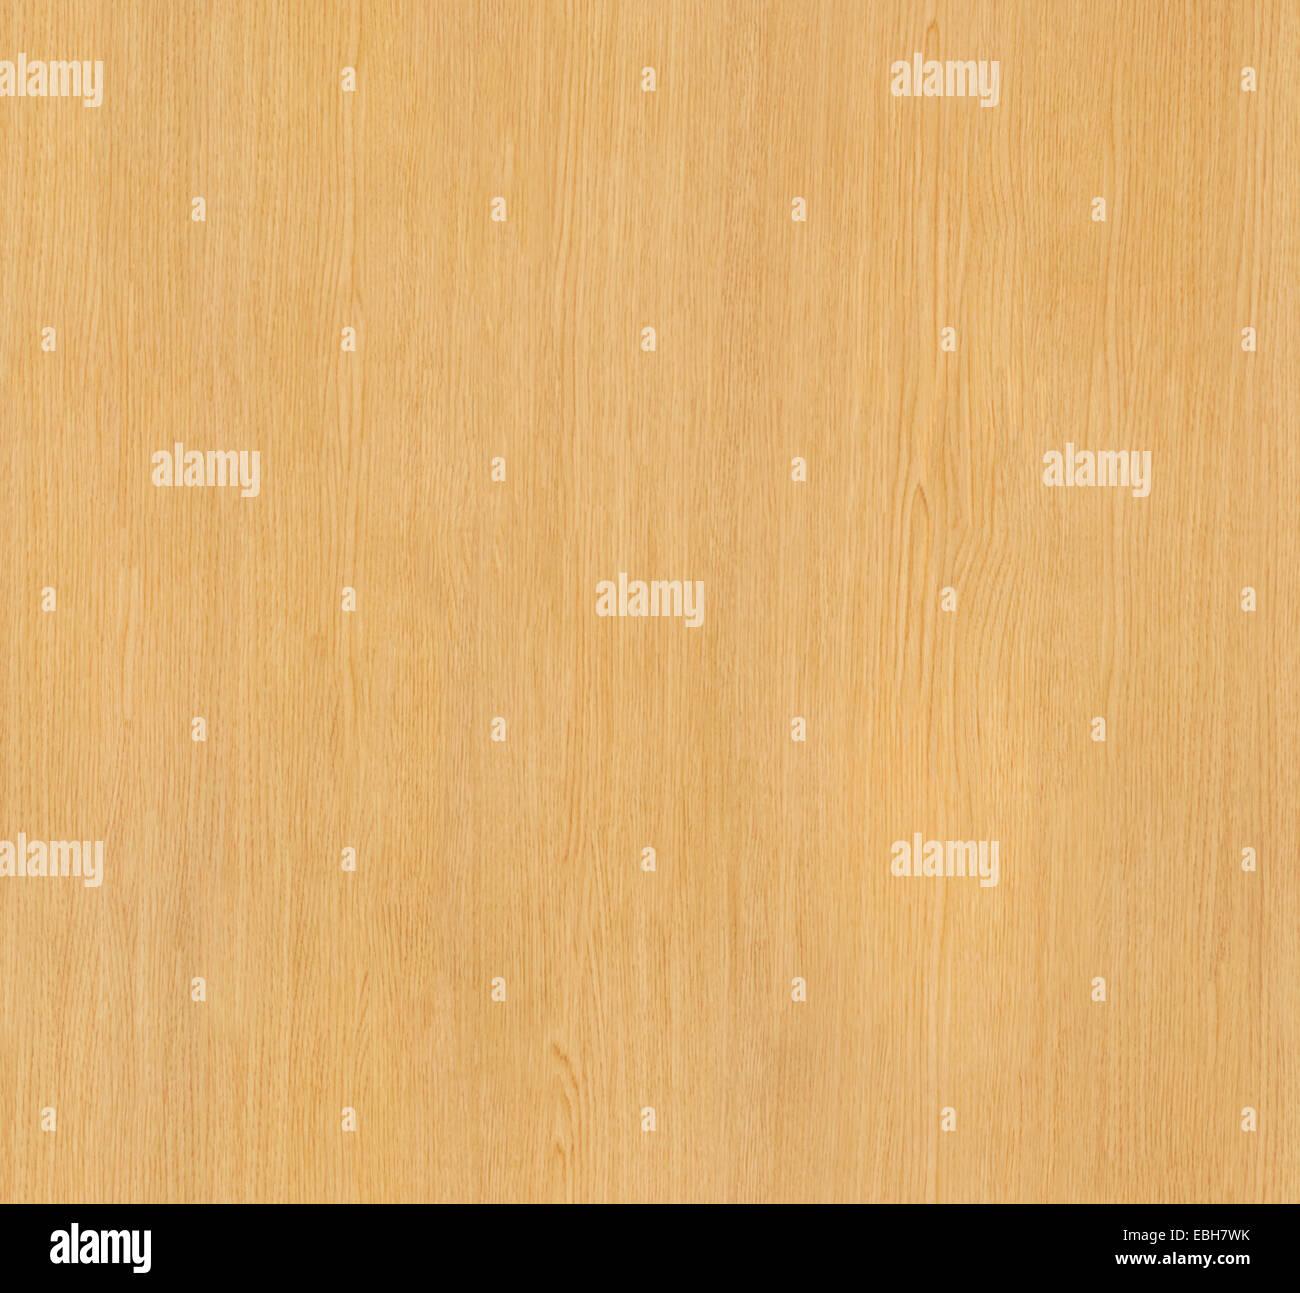 Madera ligera textura de fondo sin fisuras con granos y nudos, el fondo puede disponerse en mosaico. Imagen De Stock